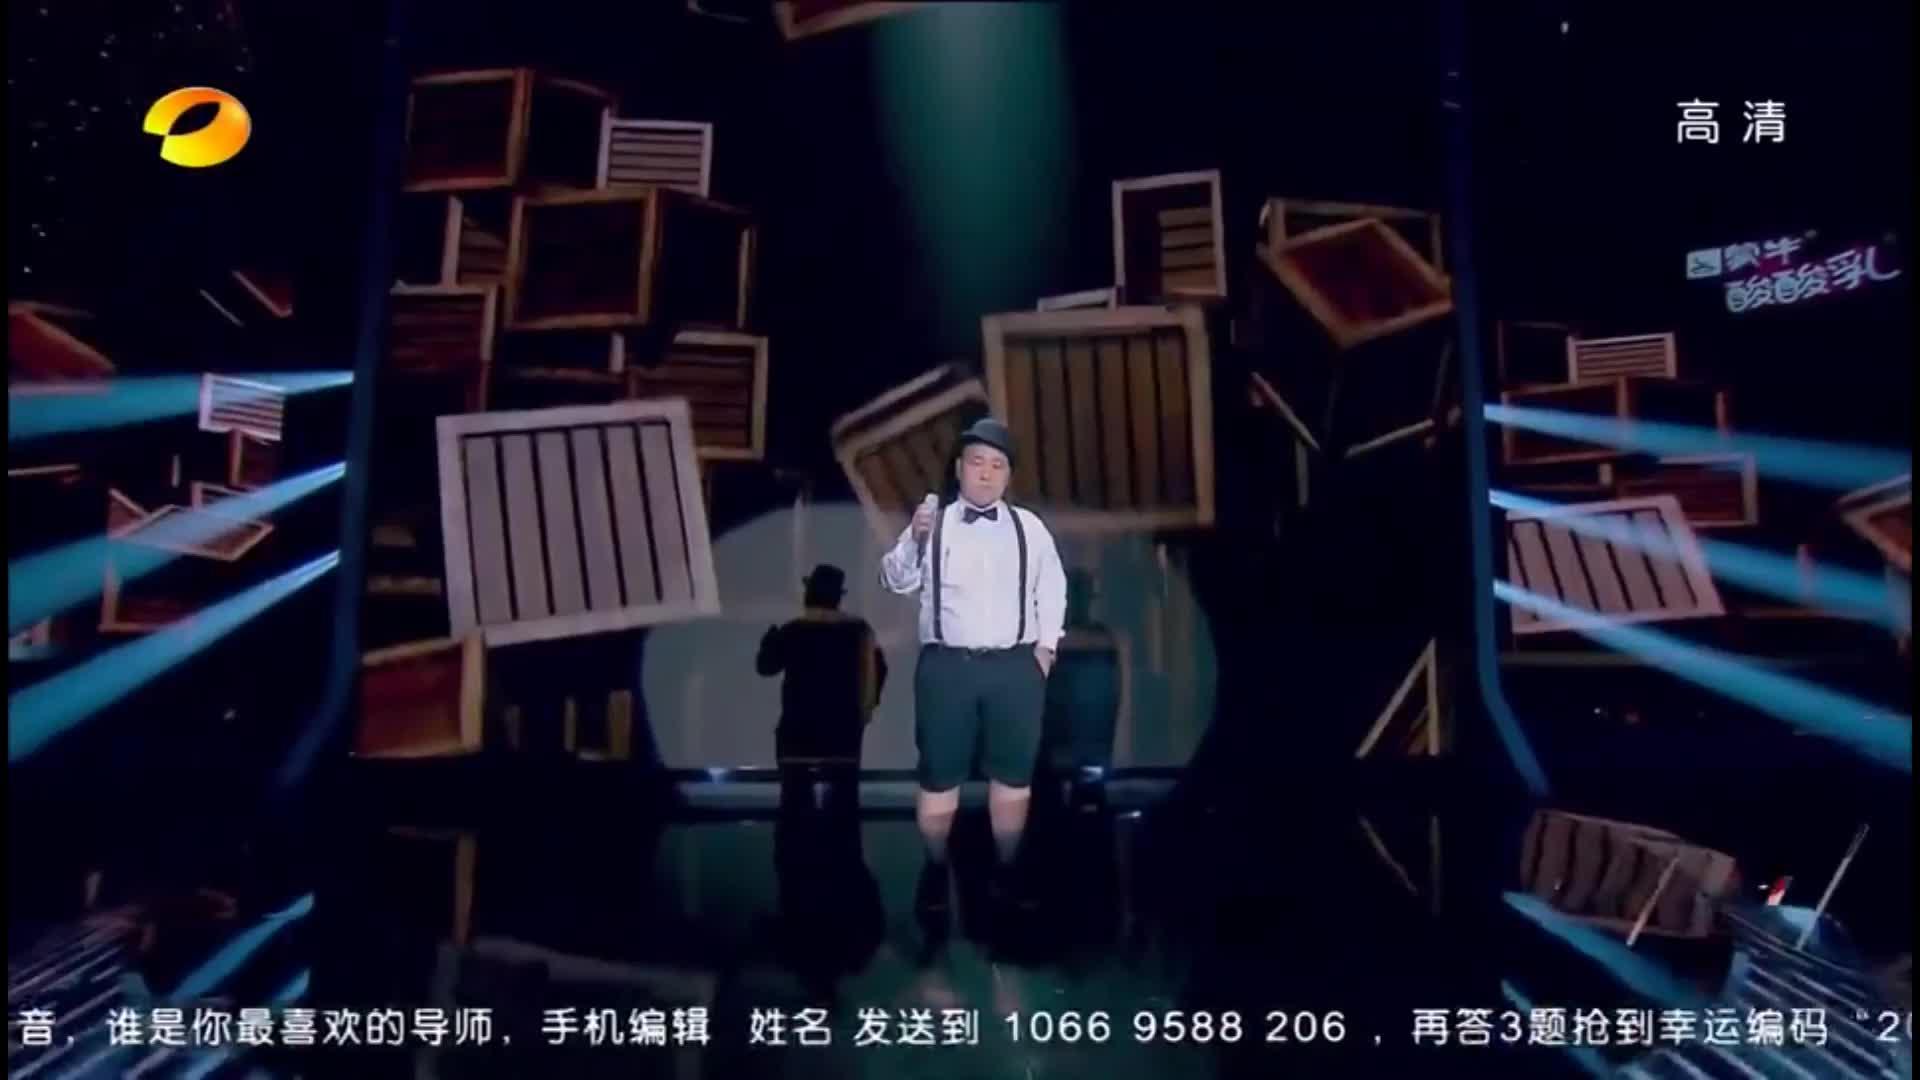 中国最强音:面馆小哥深情演唱《想太多》,情难控现场泪奔!